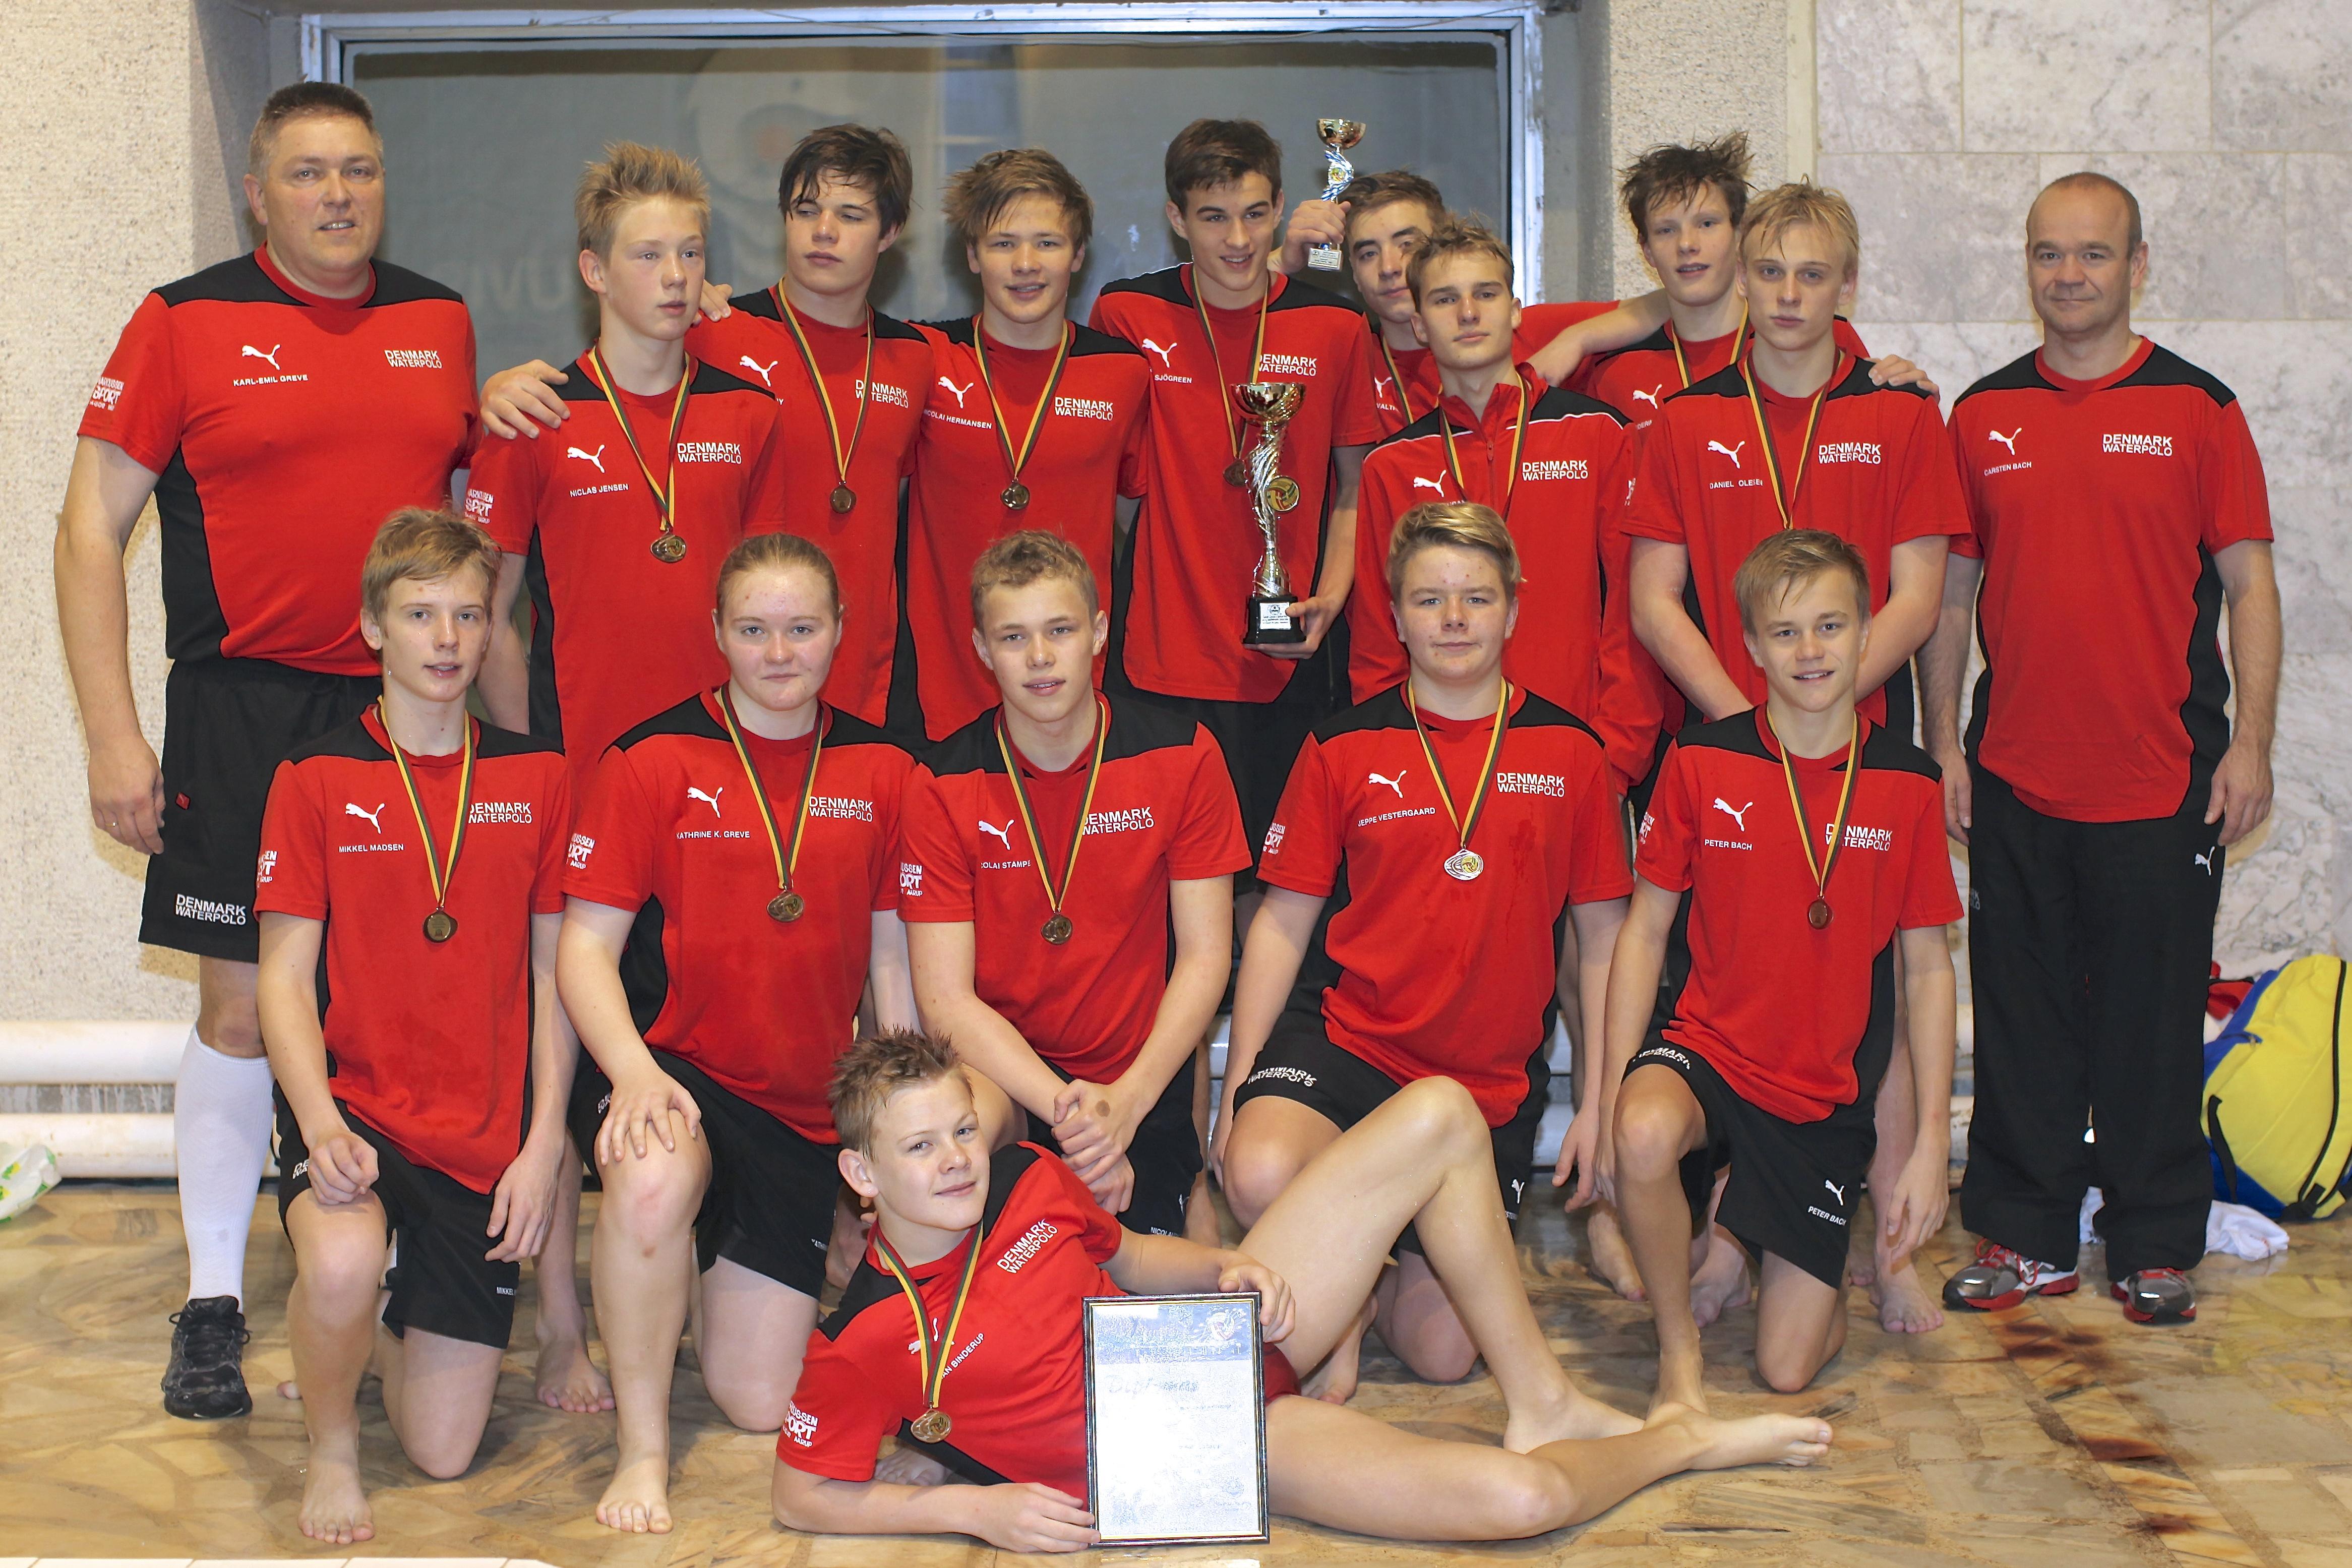 U15 vandpololandsholdet 2013